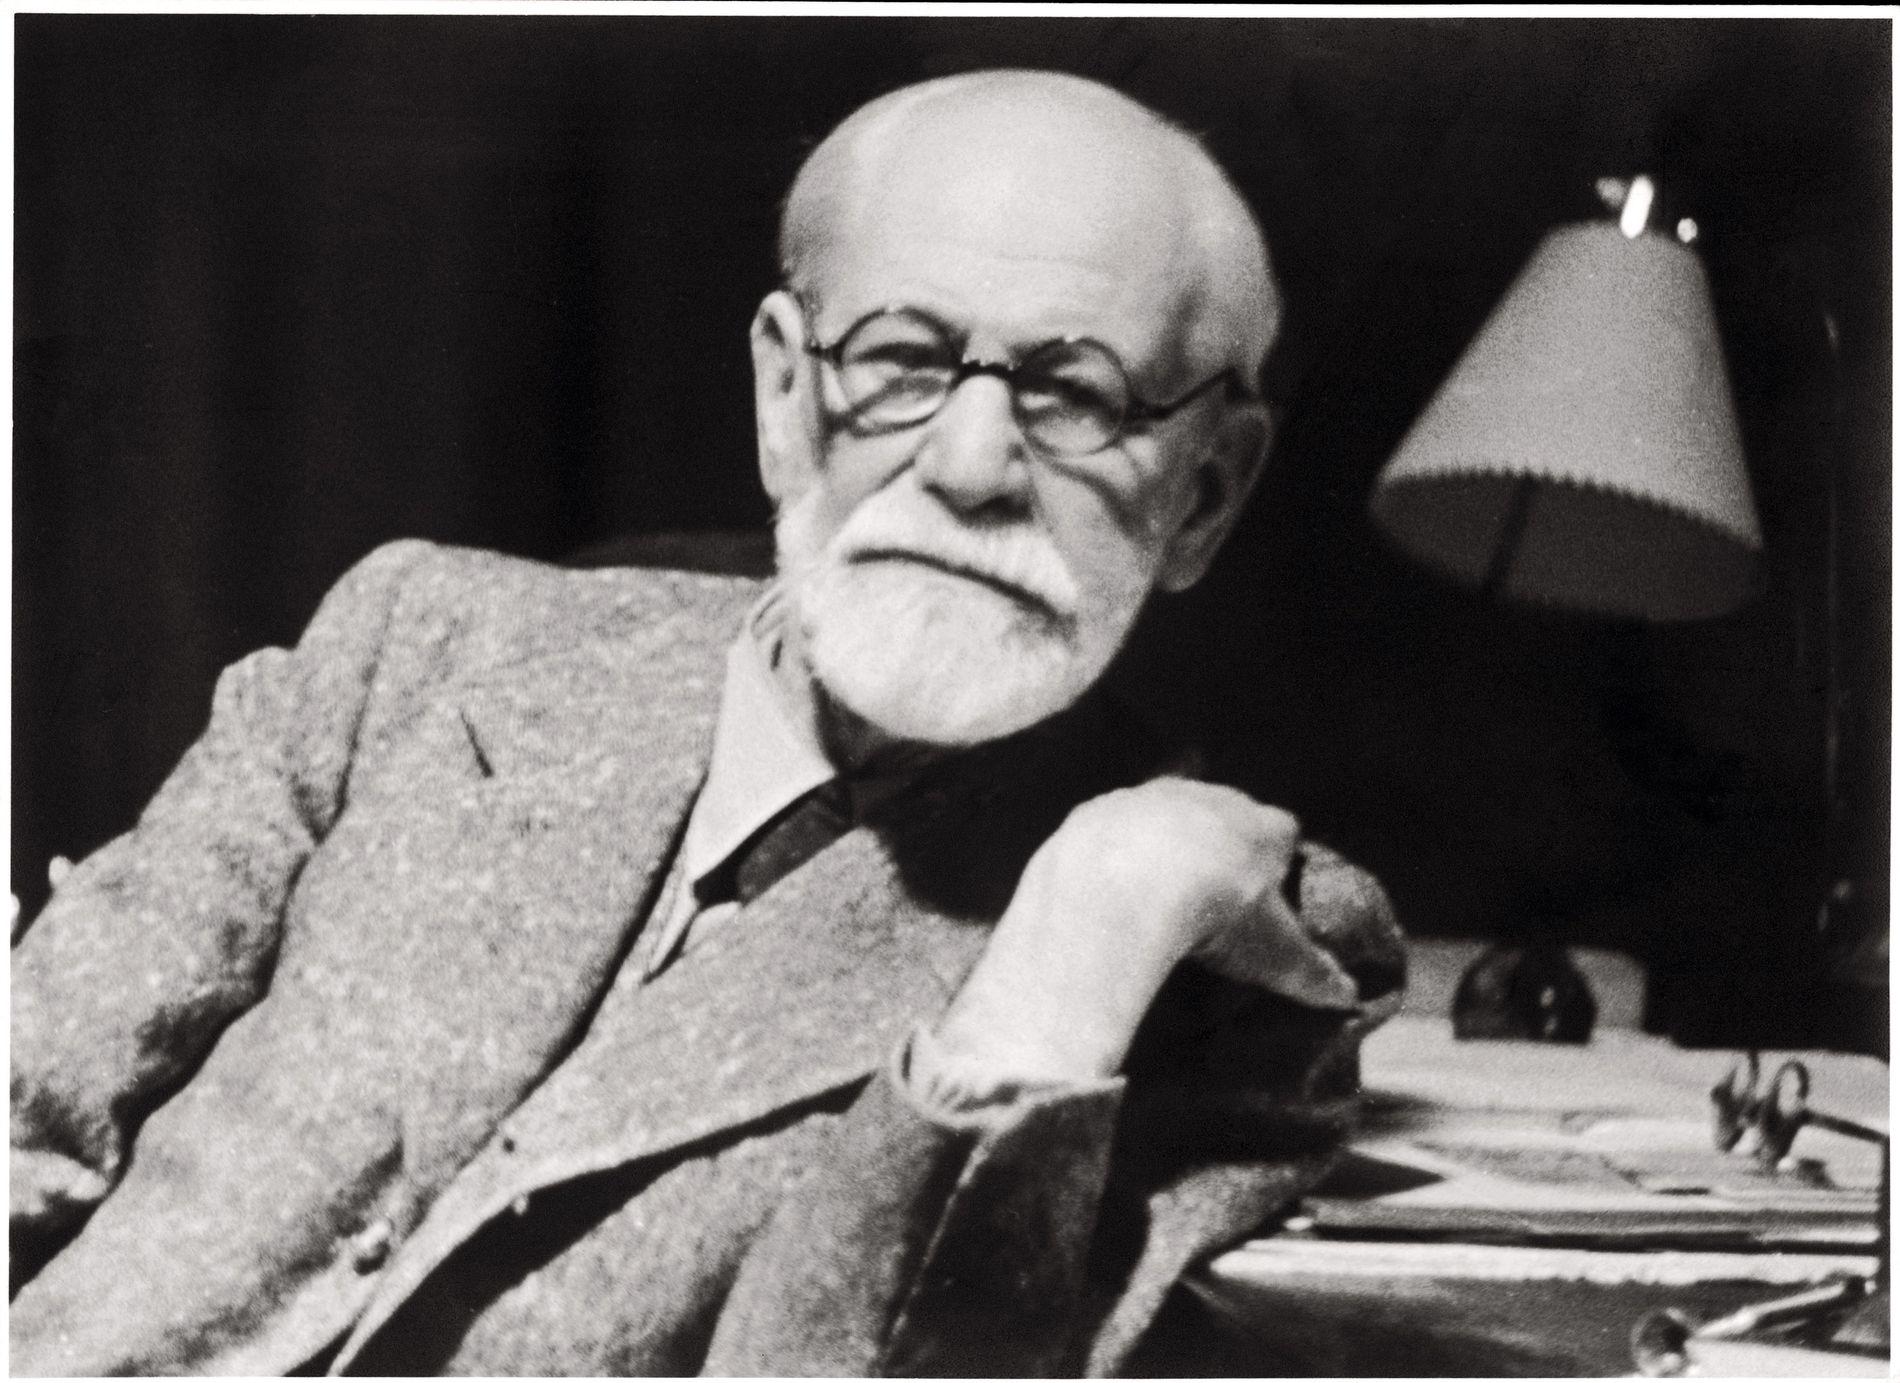 DRIFTSTEORIEN: – Sigmund Freud skrinla hele ideen om «forføringsteorien» og kom heller opp med «driftsteorien» som knytter psykiske lidelser hos voksne sammen med indre fantasier om seksualitet hos barn, til forskjell fra reelle opplevelser av overgrep, skriver Sturla Haugsgjerd.